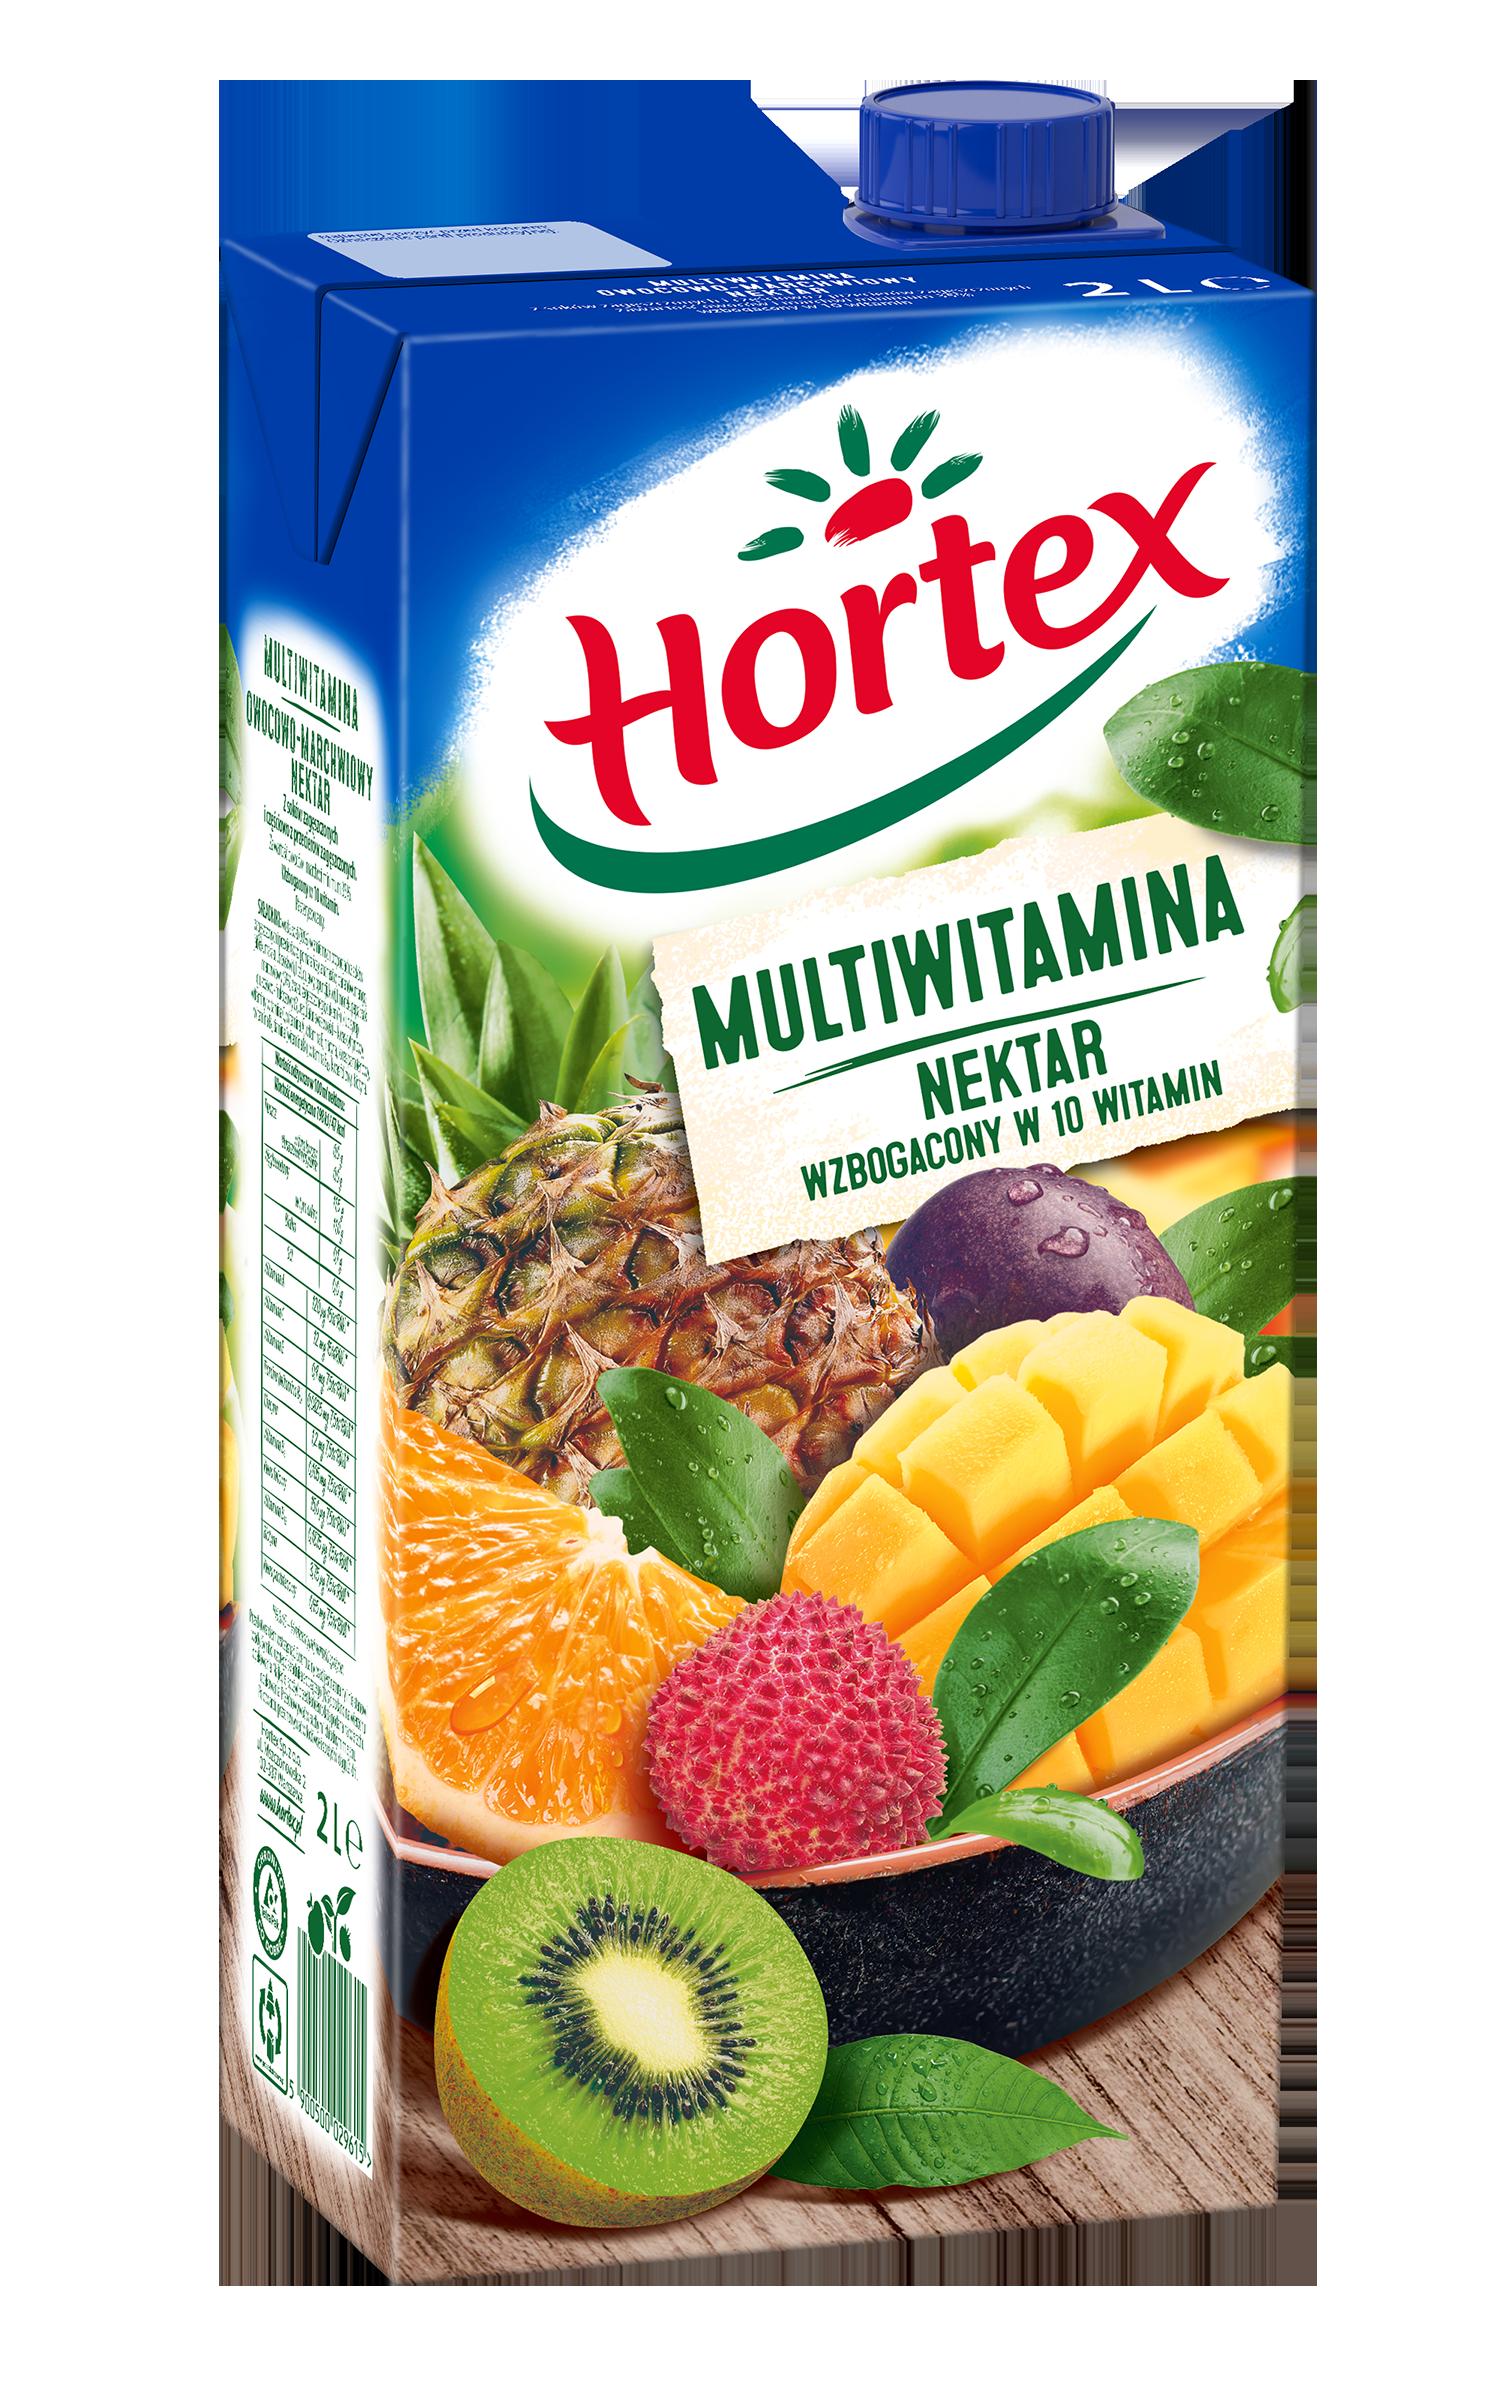 Multivitamin 100% juice carton 2l